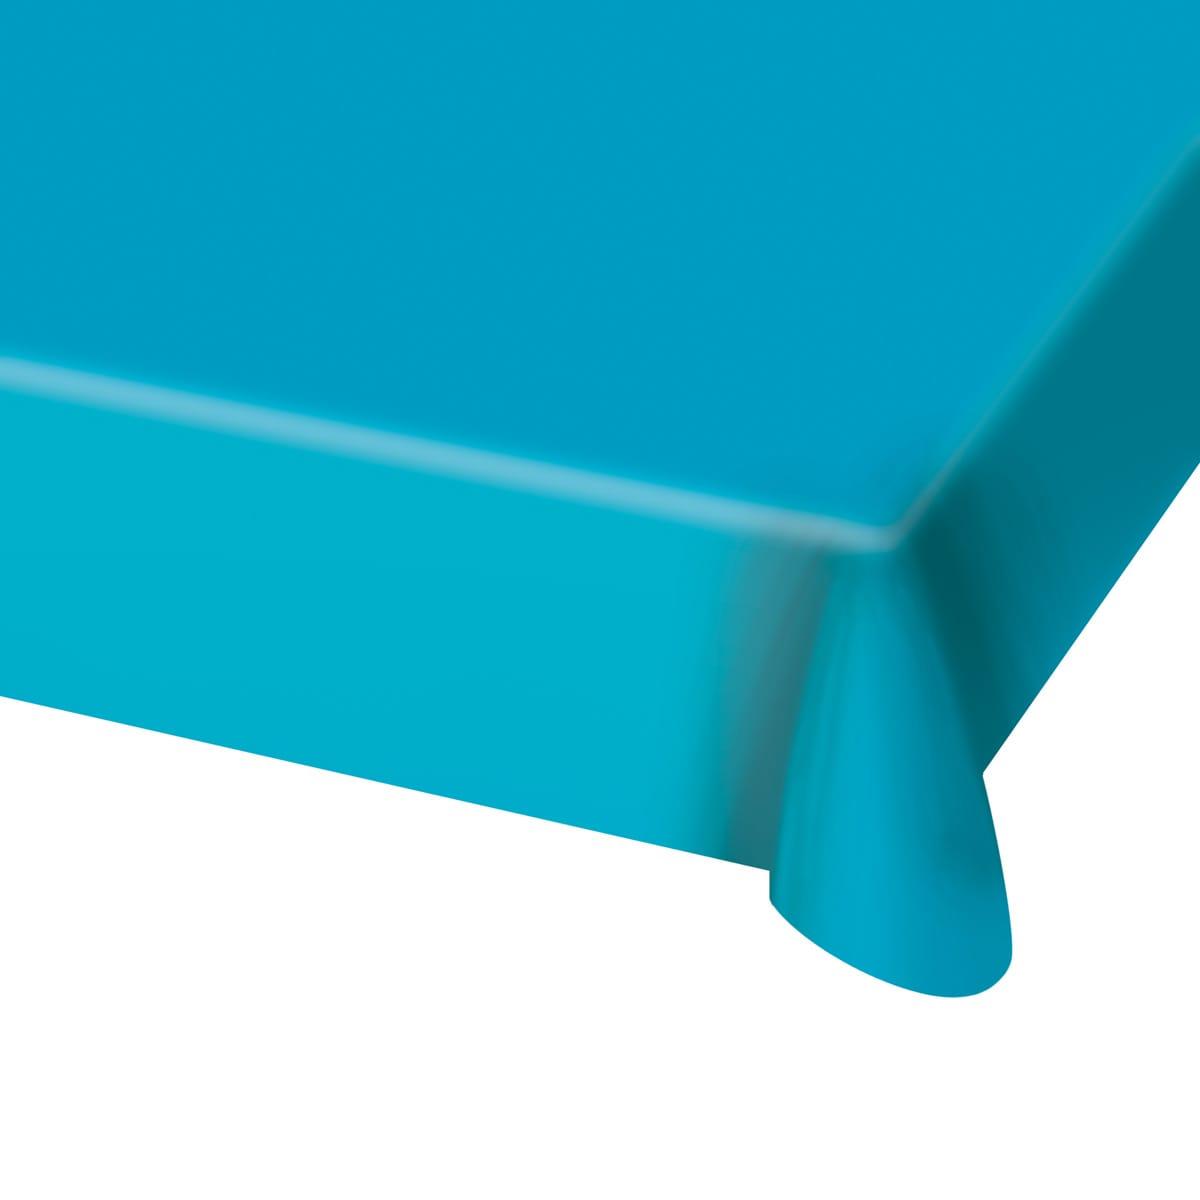 WOVELOT 100 Piezas Micro-Cepillo Dental Aplicadores De Diente Materiales Desechables Medio Fino Azul Claro